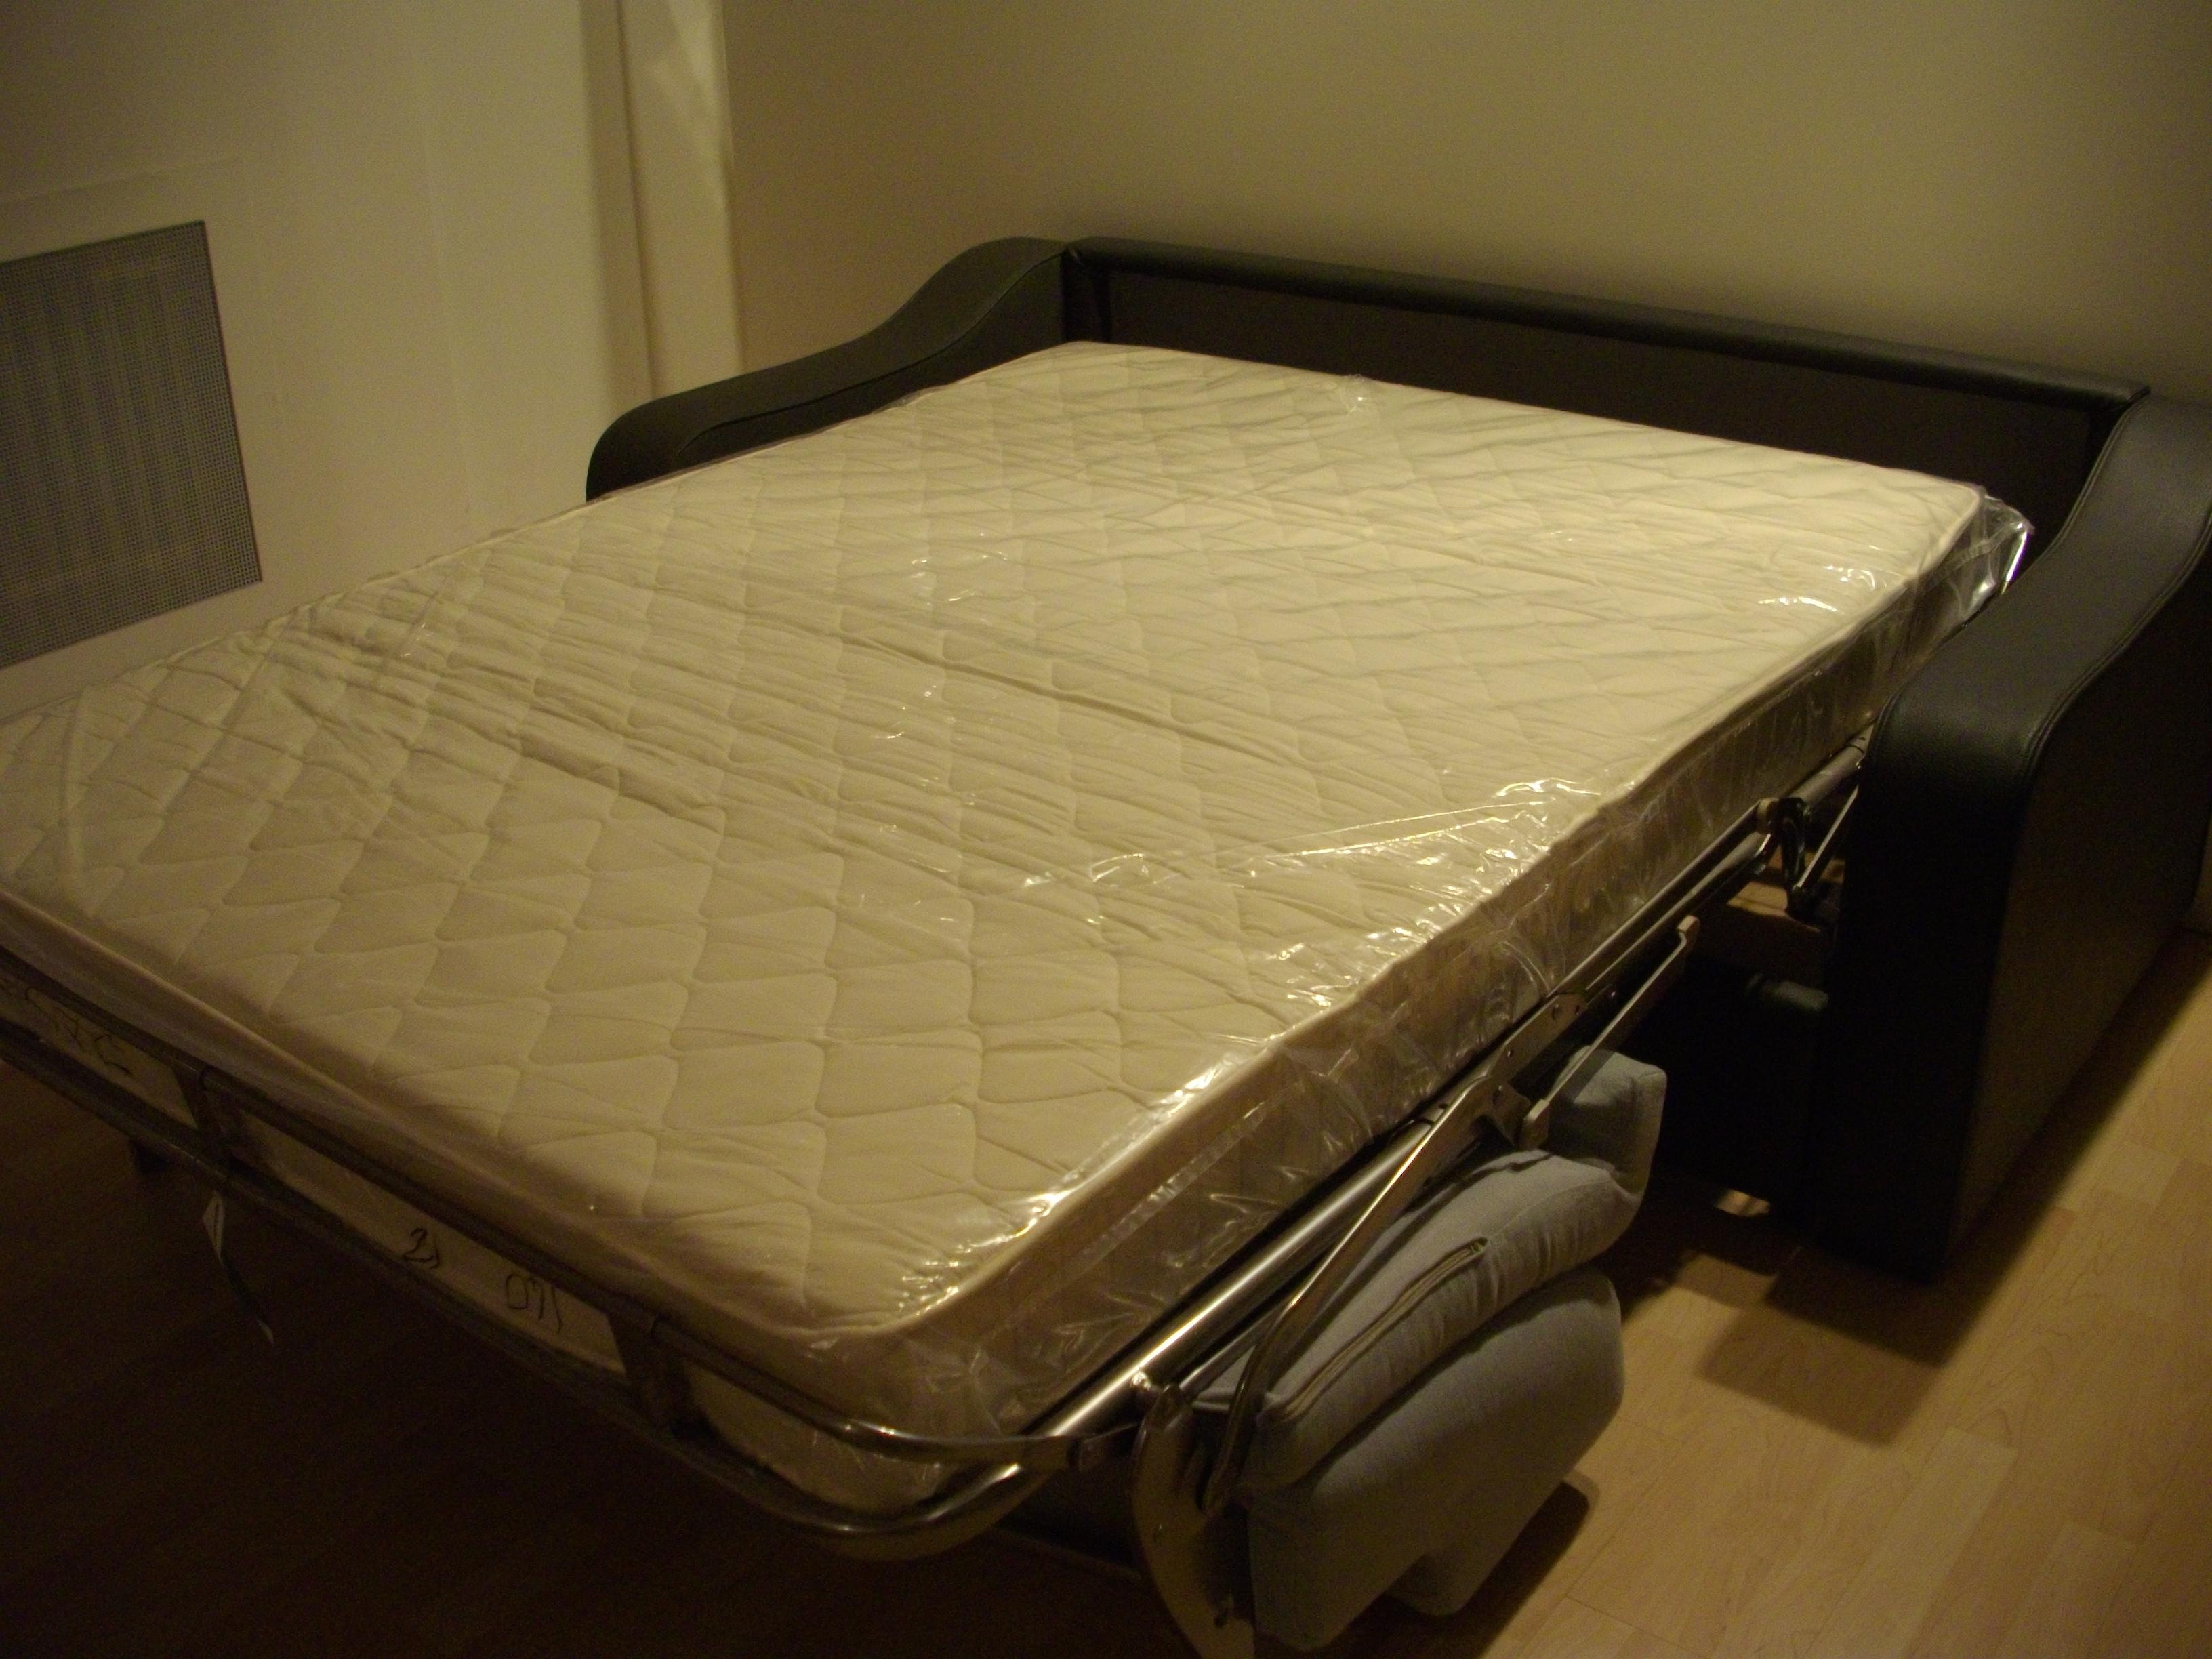 Divano letto in occasione divani a prezzi scontati - Divano letto occasione ...